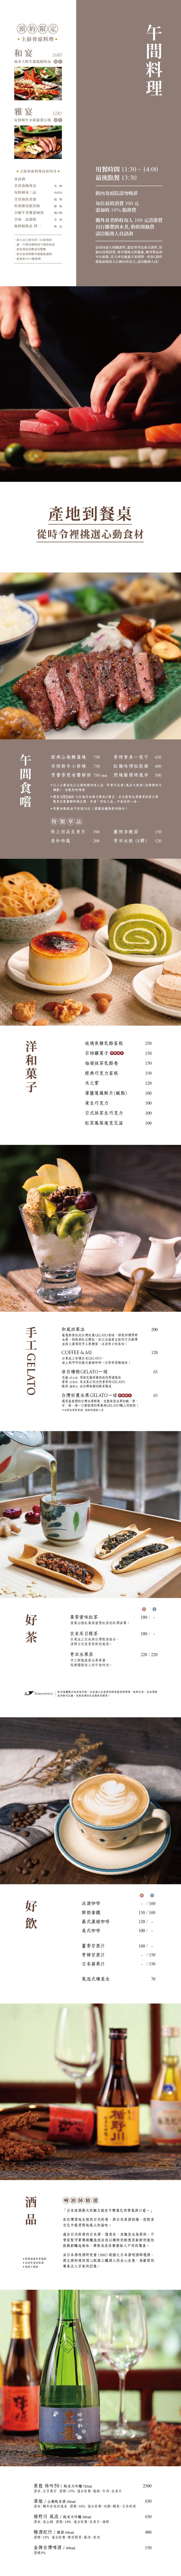 青田七六_菜單_午餐_20210129